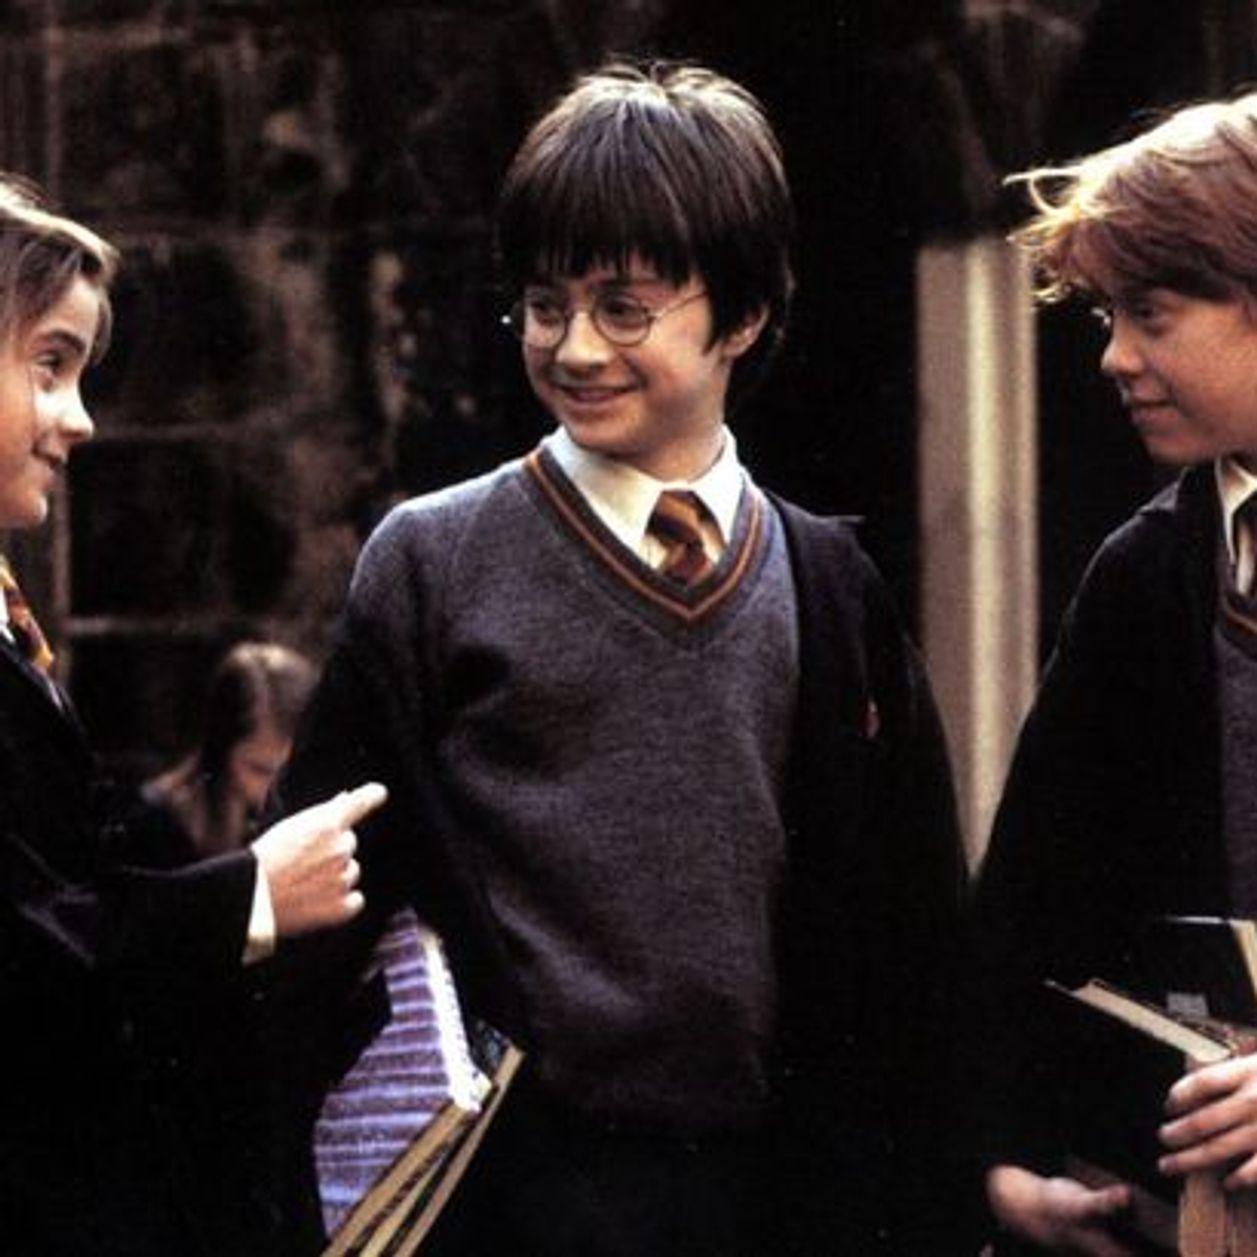 En France, un festival va mettre à l'honneur Harry Potter et d'autres univers de la pop culture